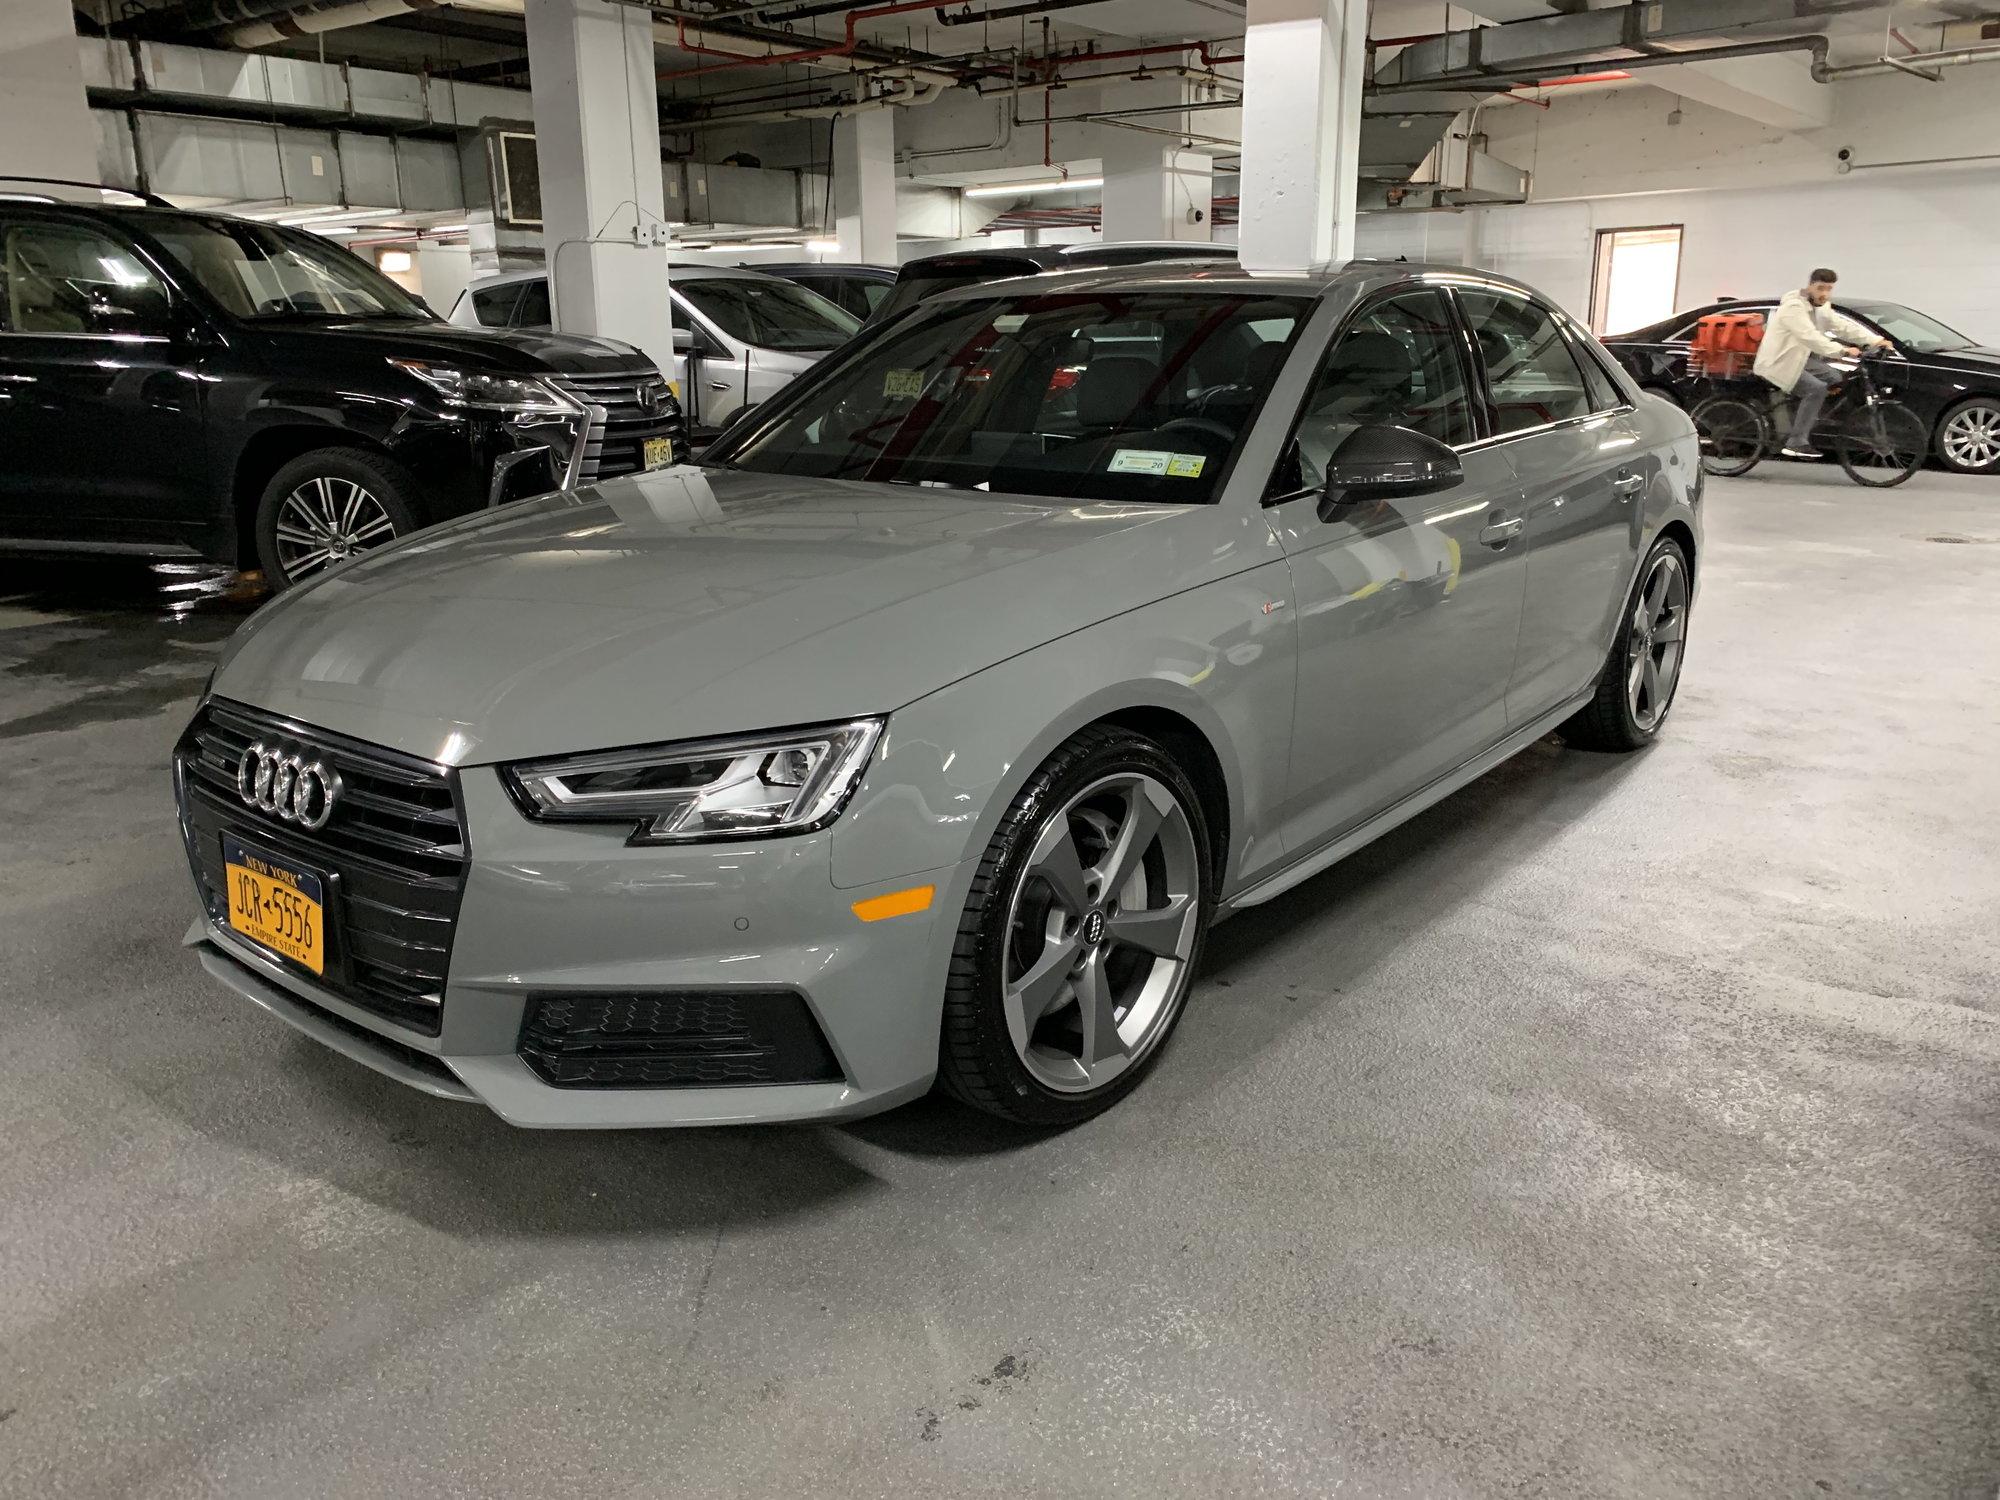 Kelebihan Kekurangan Audi A4 Sport Review